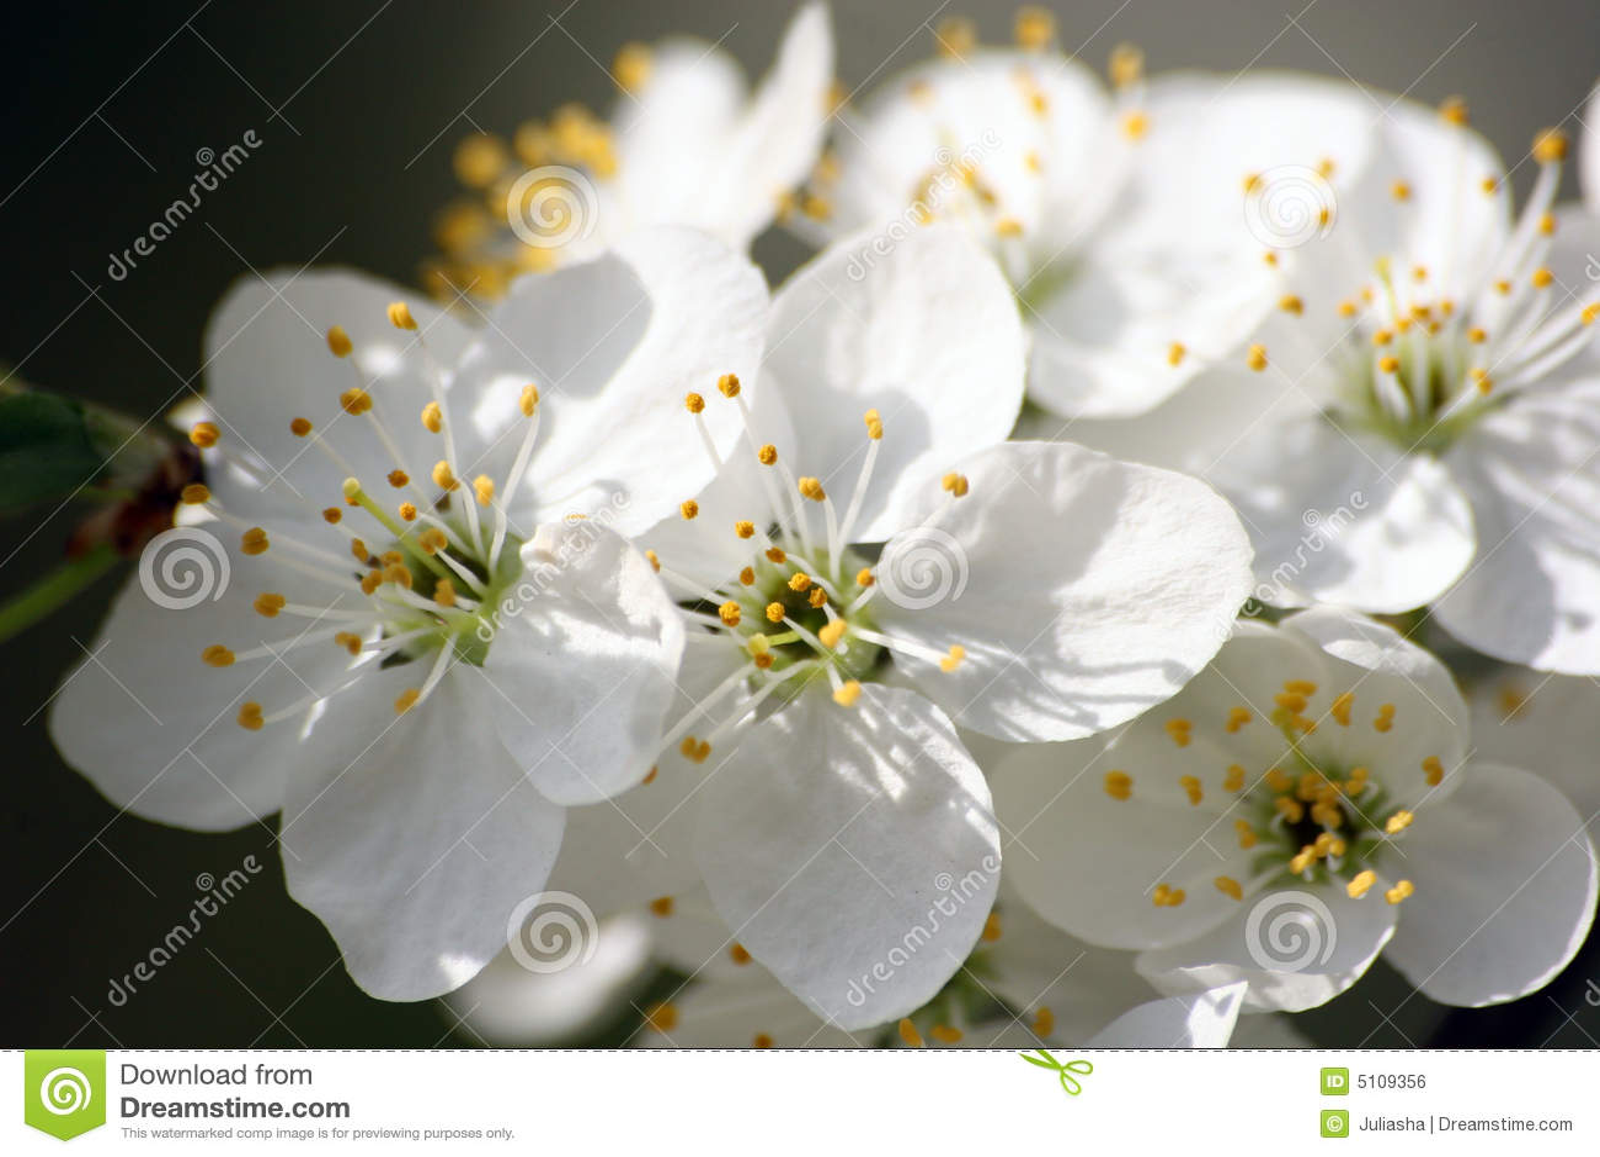 Fiori bianchi fotografia stock immagine di cielo for Sempreverde con fiori bianchi e profumati